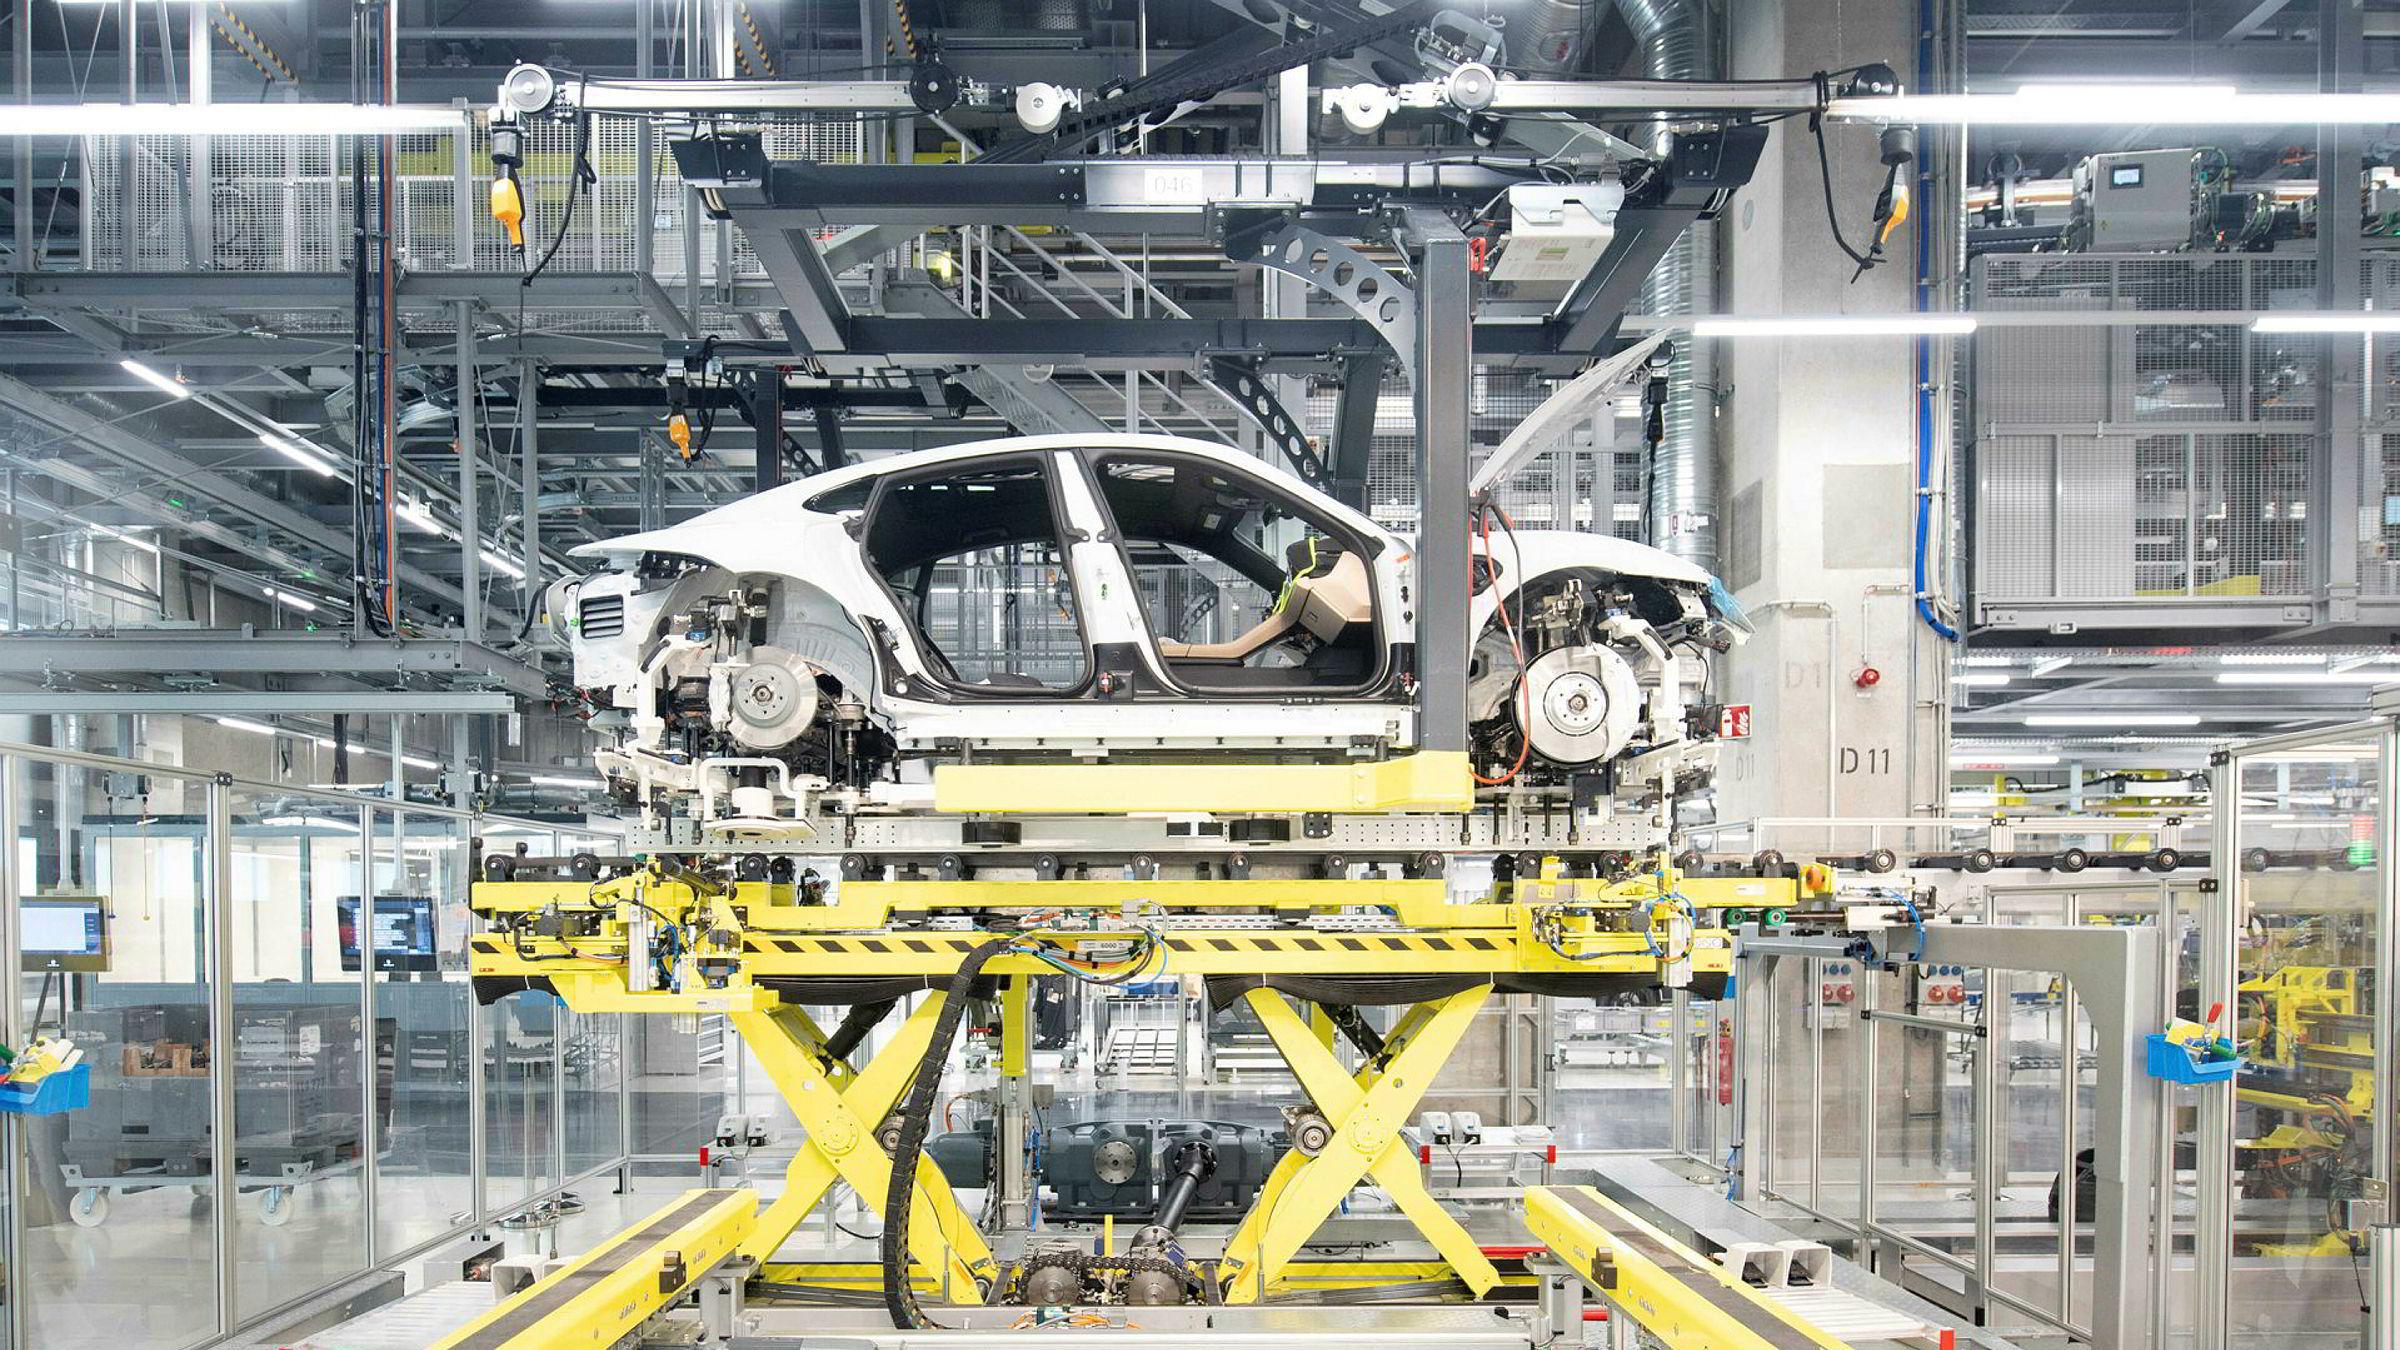 En Porsche Taycan, Porshces første helelektriske bil, vises frem under produksjonen i Stuttgard i Tyskland.